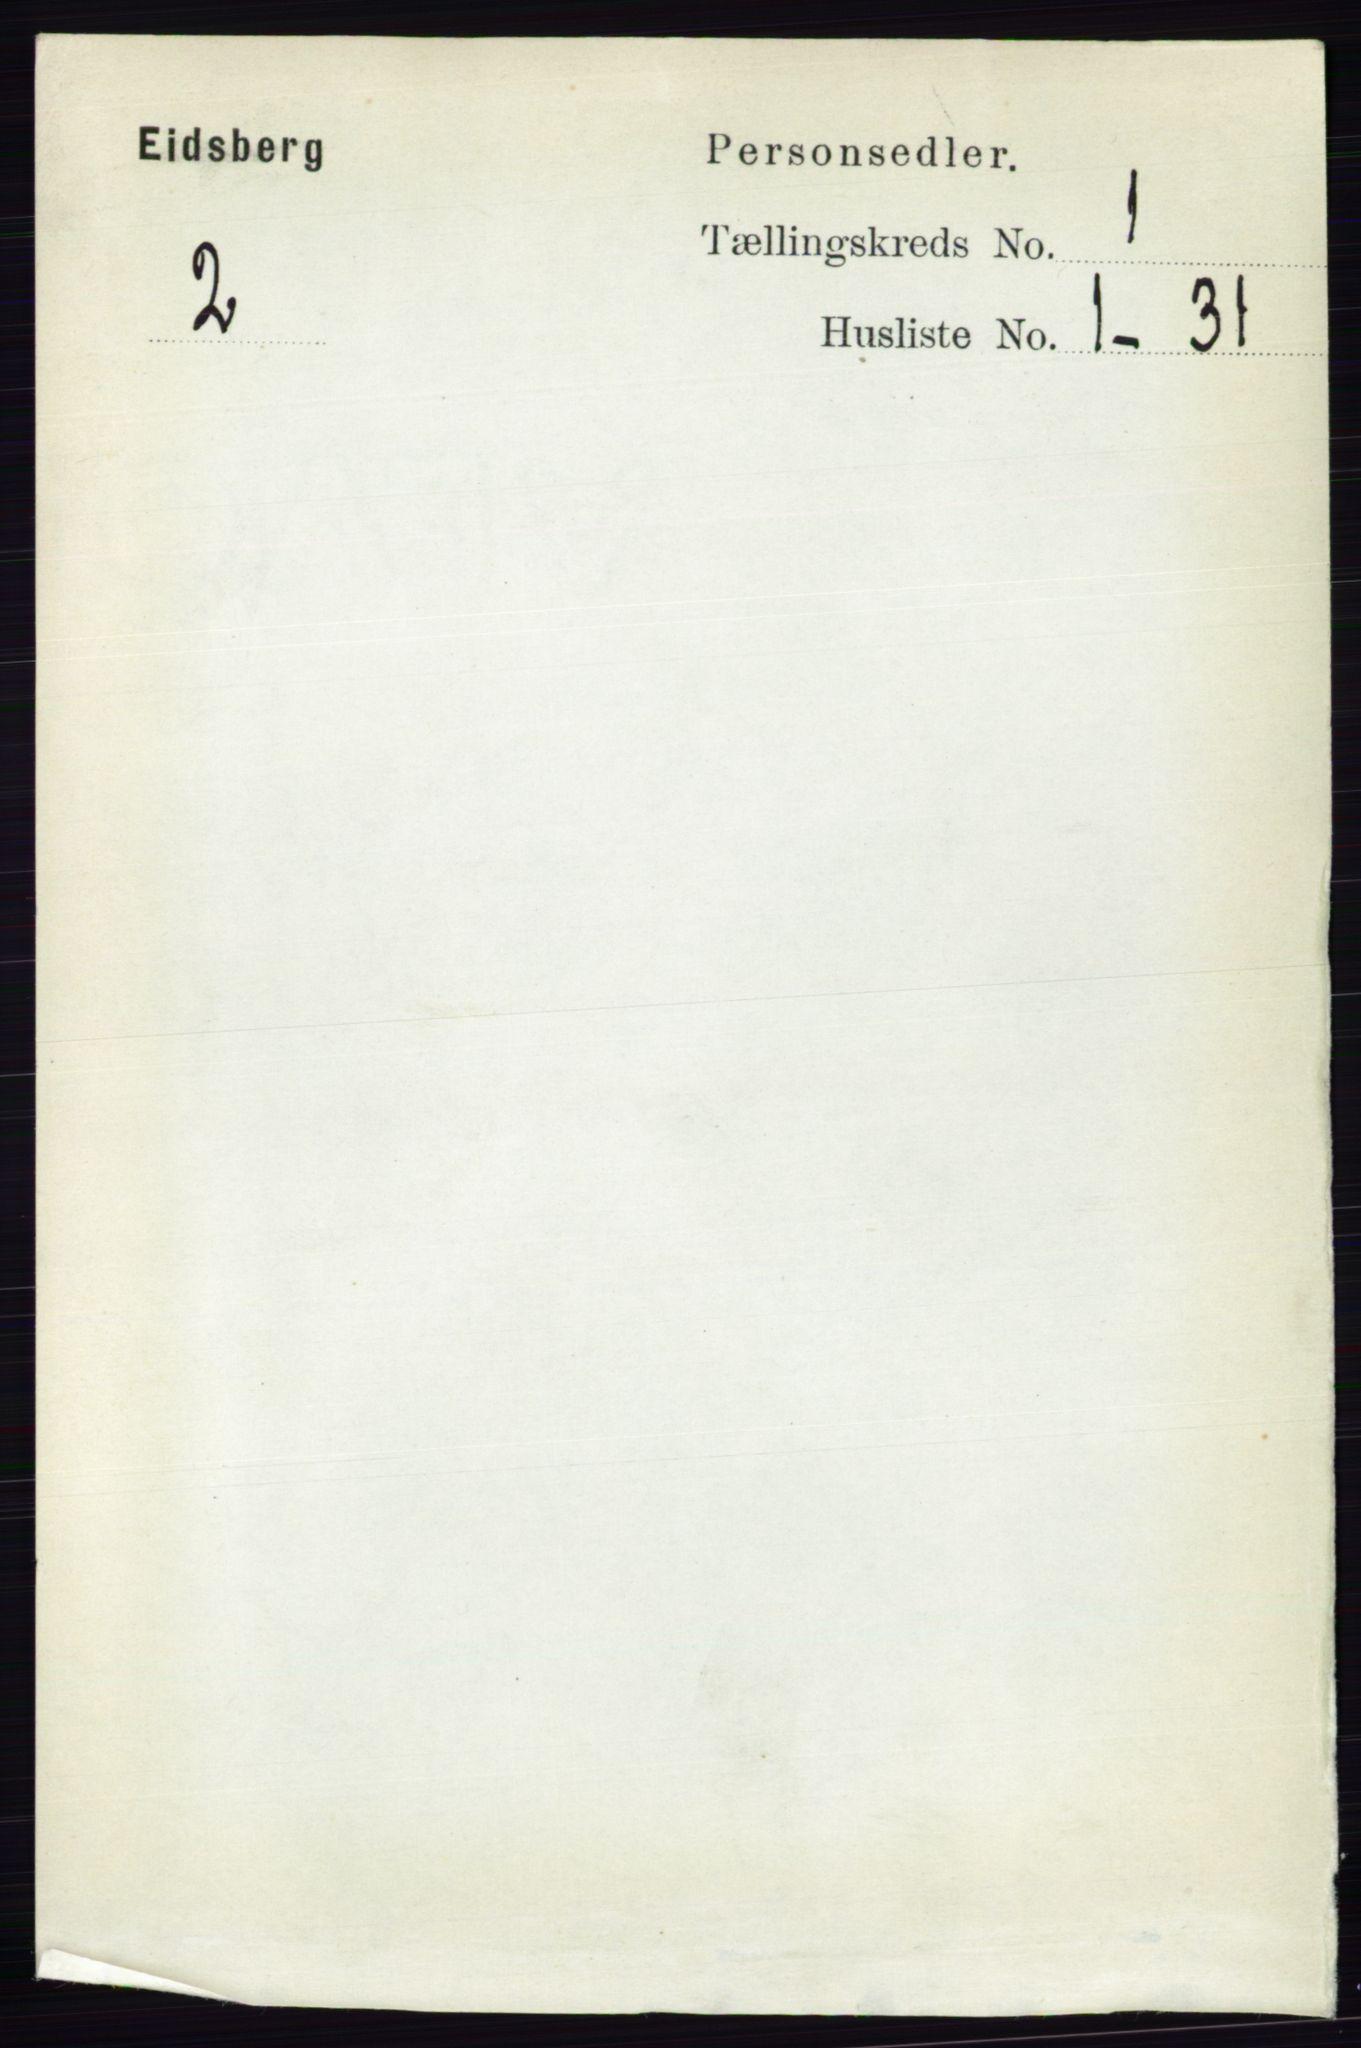 RA, Folketelling 1891 for 0125 Eidsberg herred, 1891, s. 138